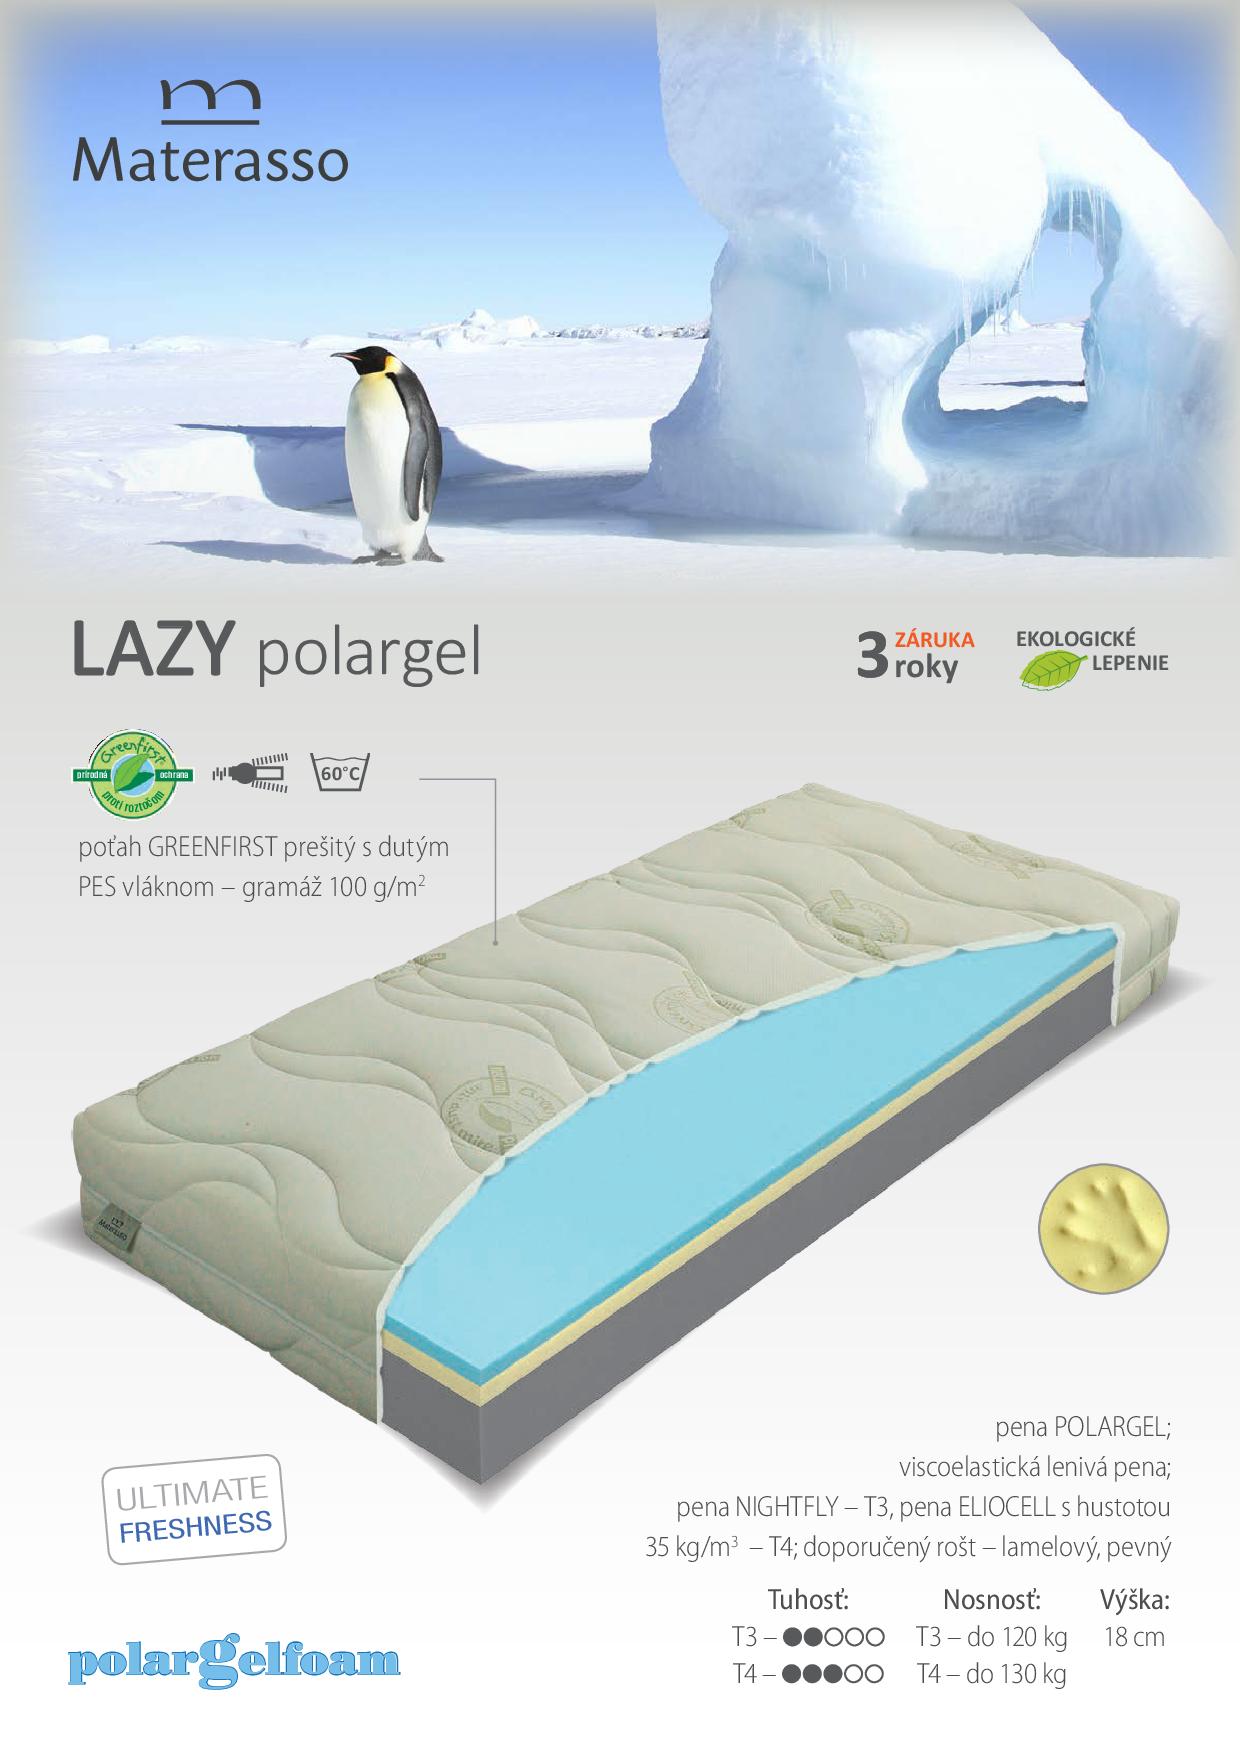 Lazy polargel